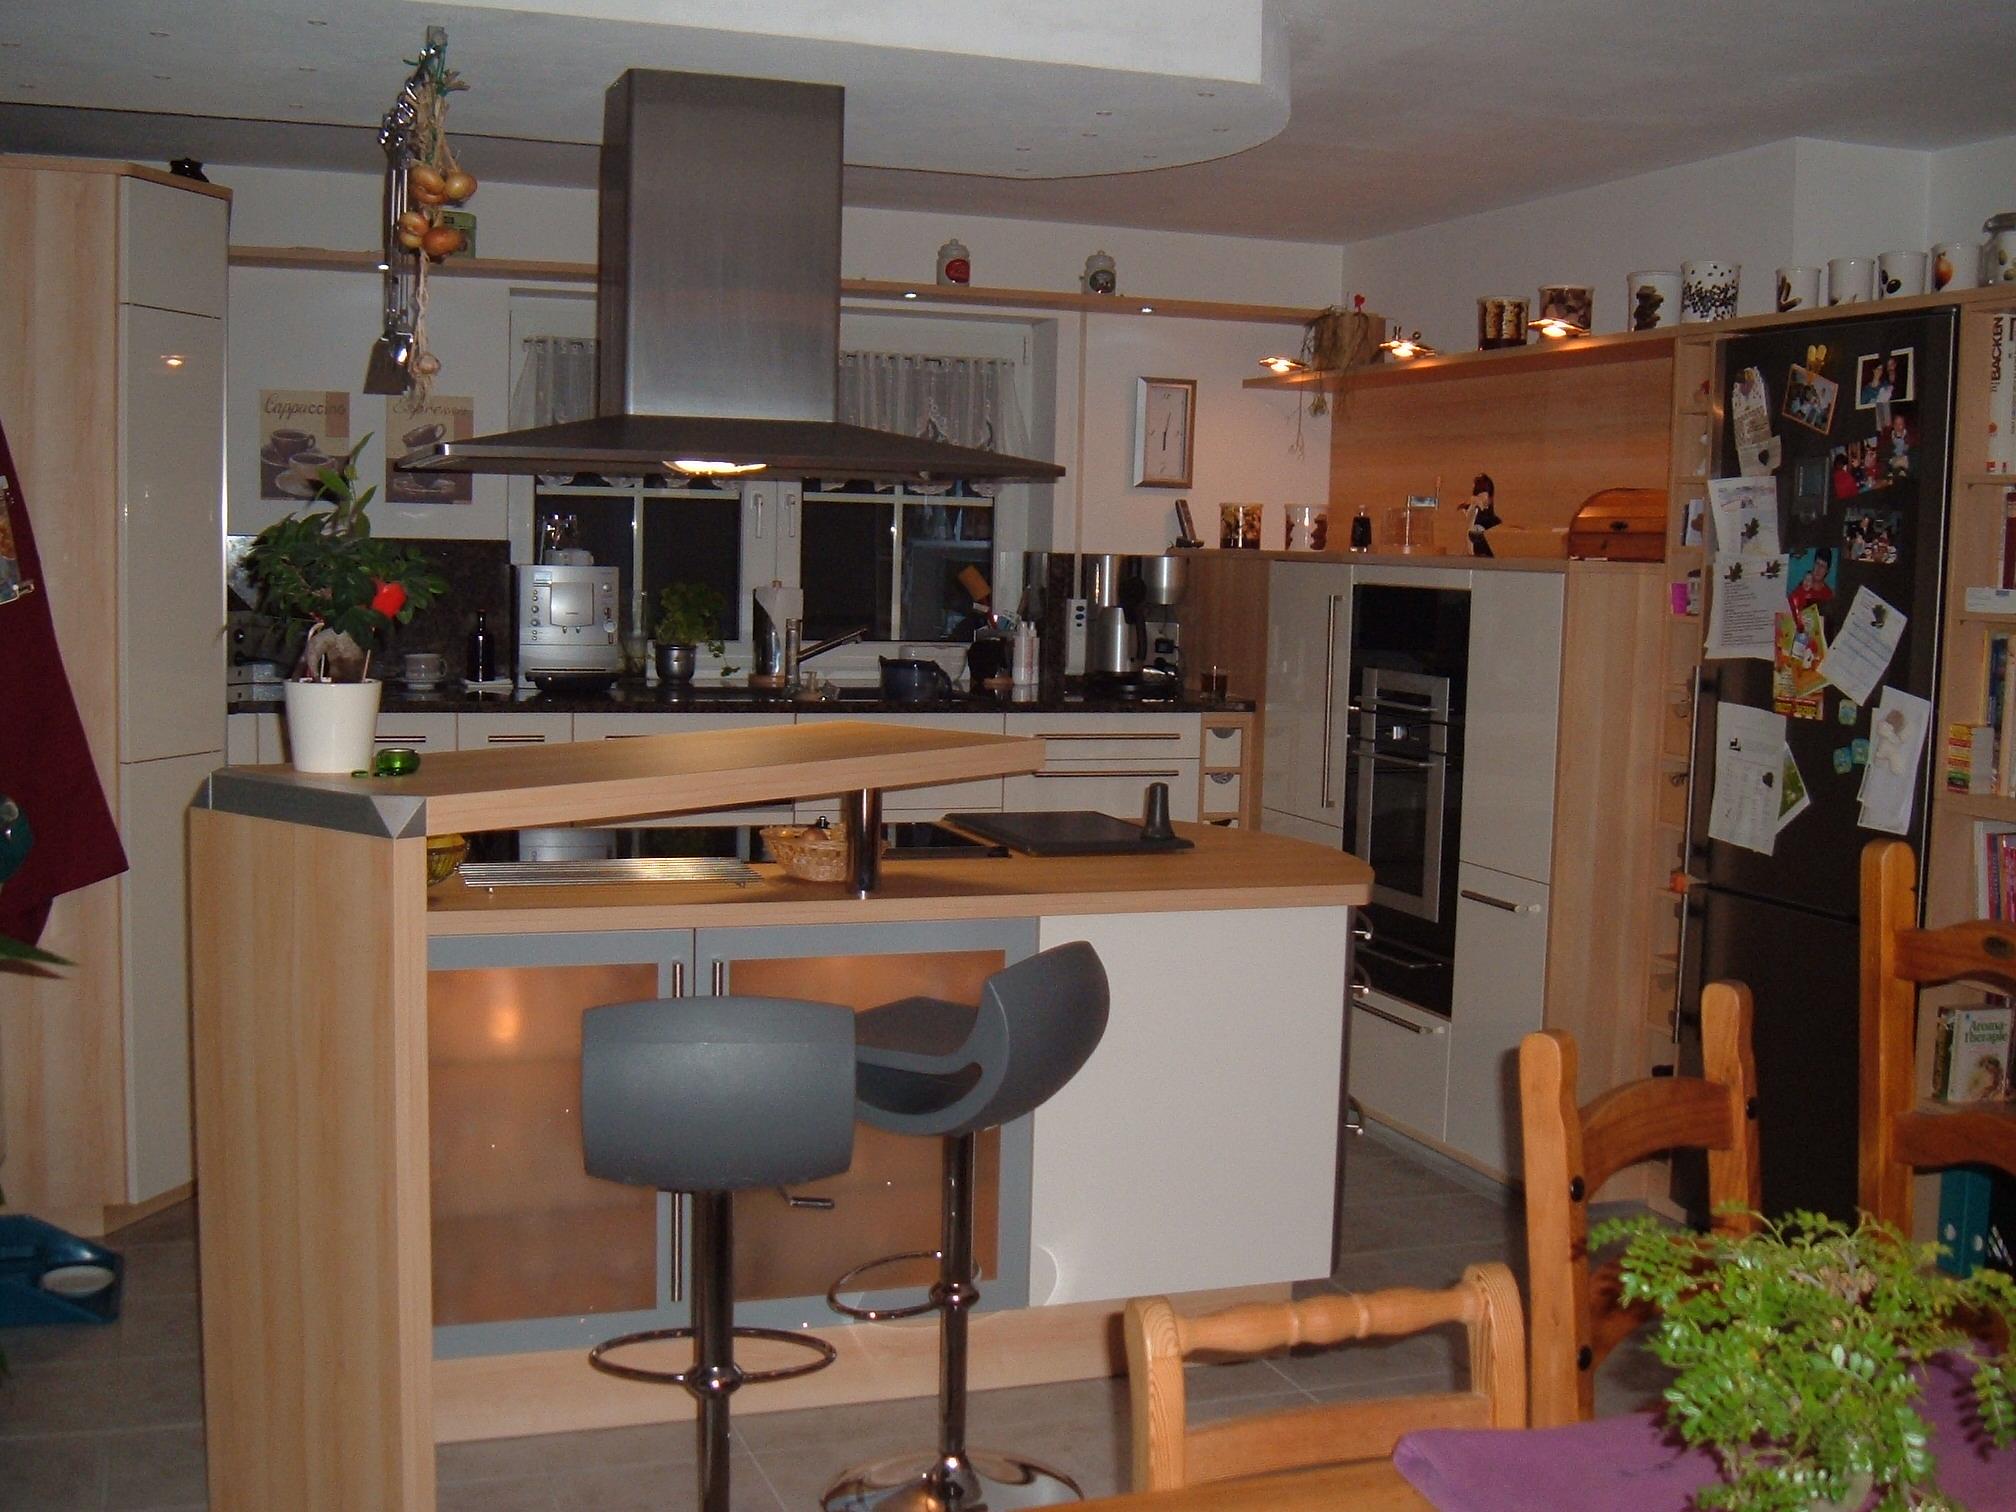 wie richte ich meine wohnk che gem tlich ein wohnung wohnen k che. Black Bedroom Furniture Sets. Home Design Ideas